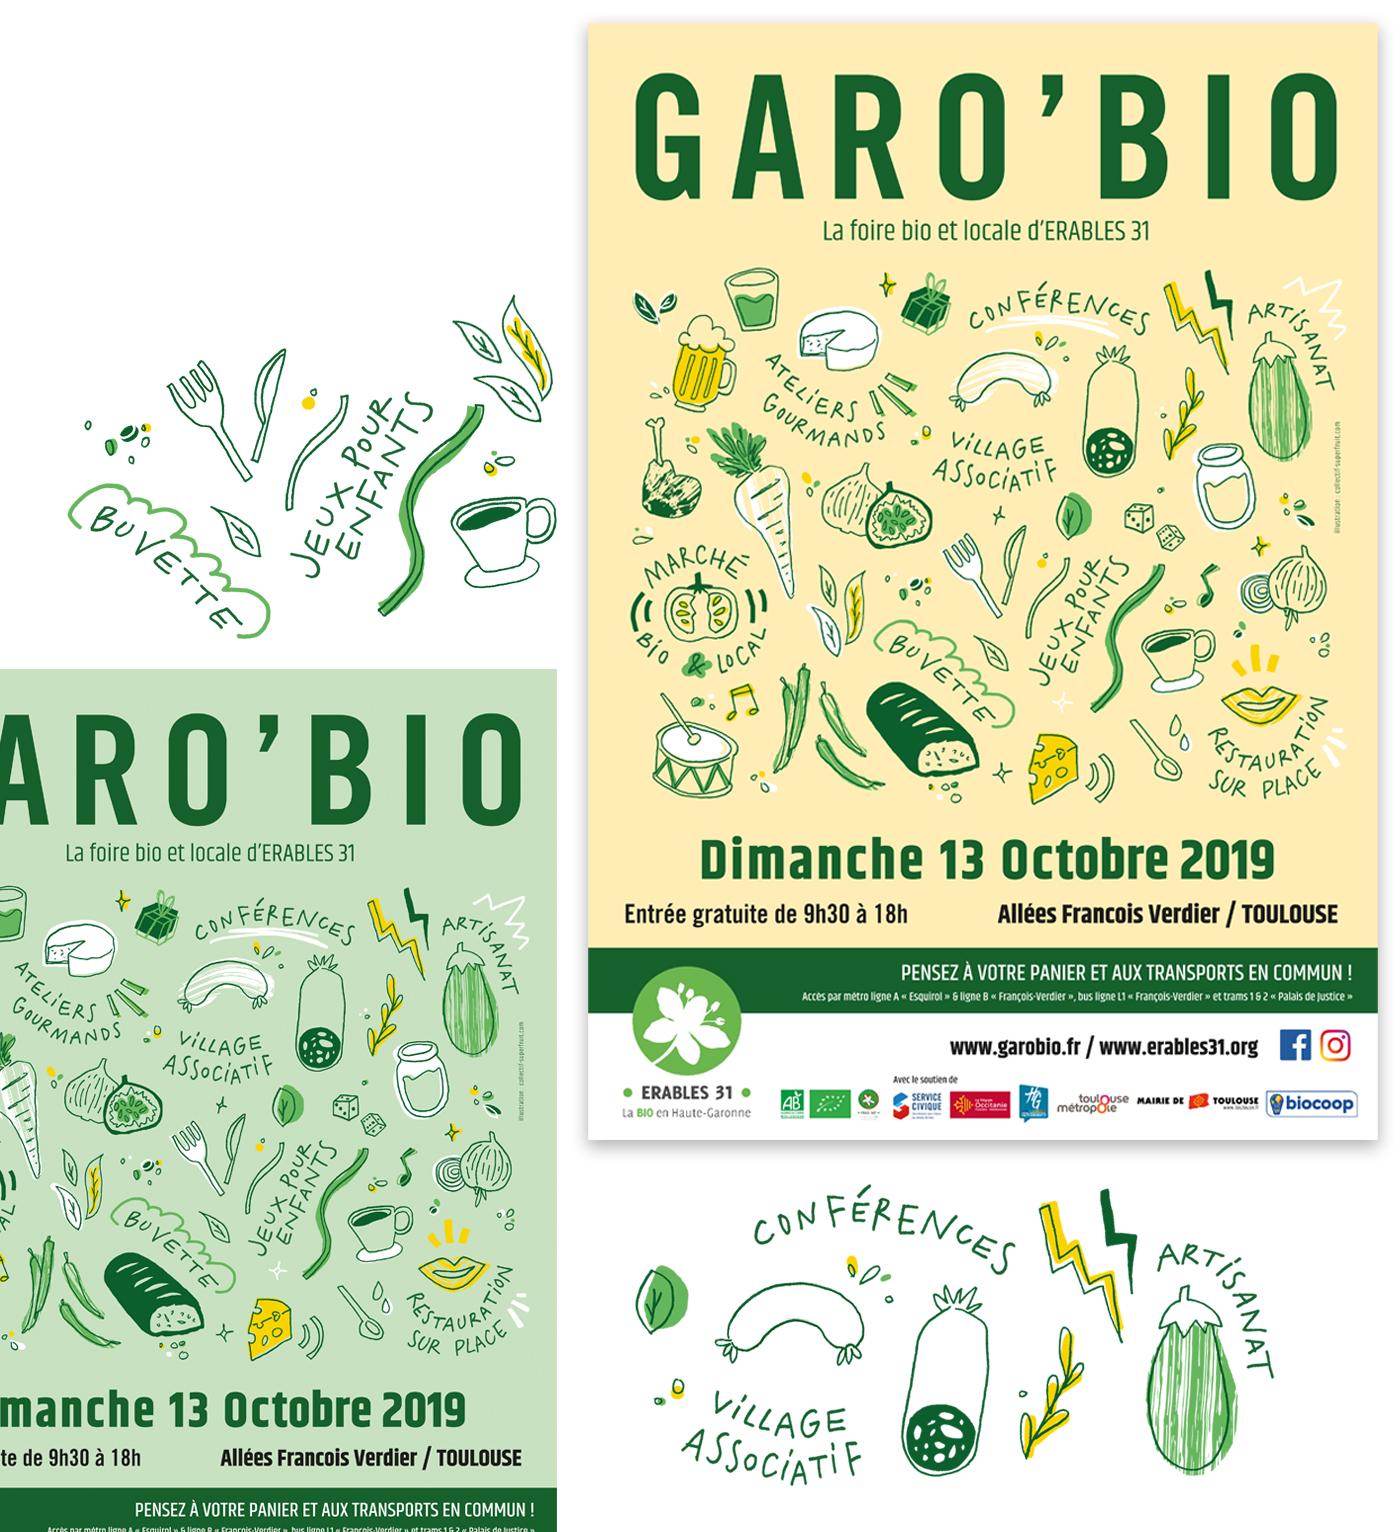 Présentation de l'affiche pour GaroBio la foire bio et locale d'Erables 31 en deux couleurs : vert et jaune. Ensemble d'illustrations sur le thème de la nourriture bio.